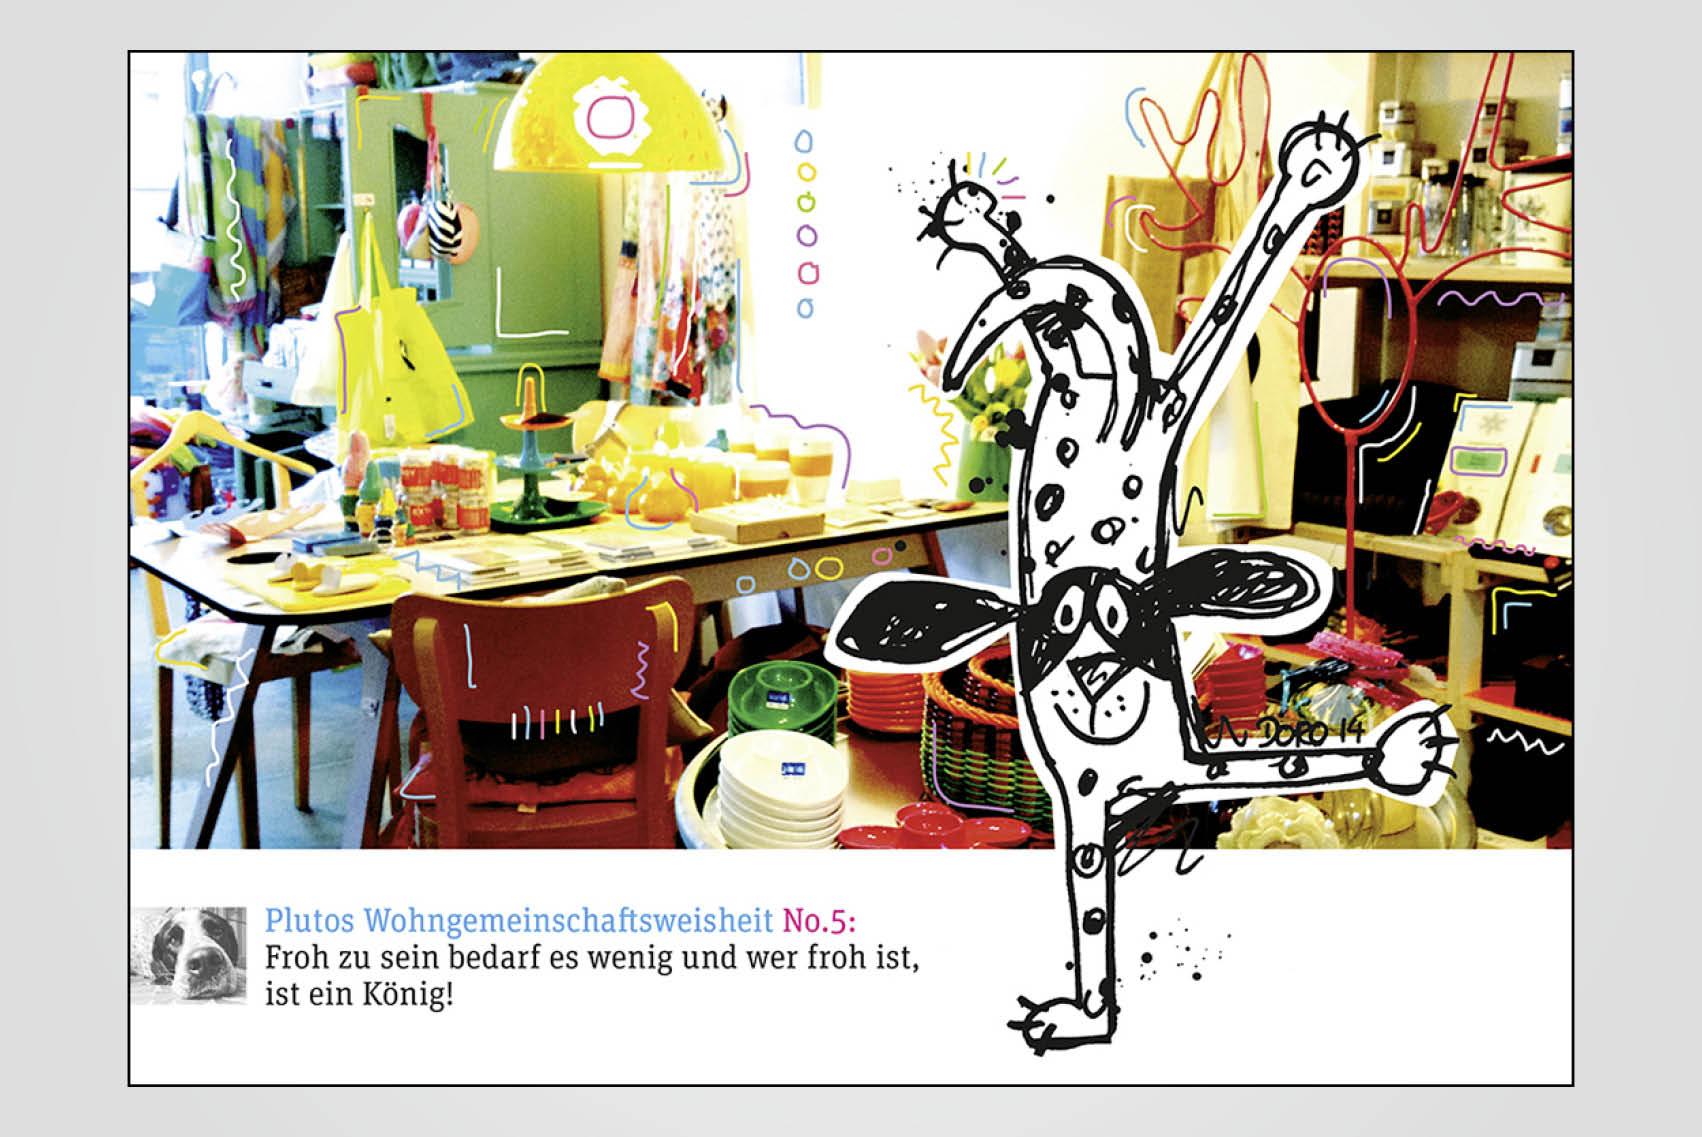 sympathiefigur-wohngemeinschaft-illustration-07.jpg